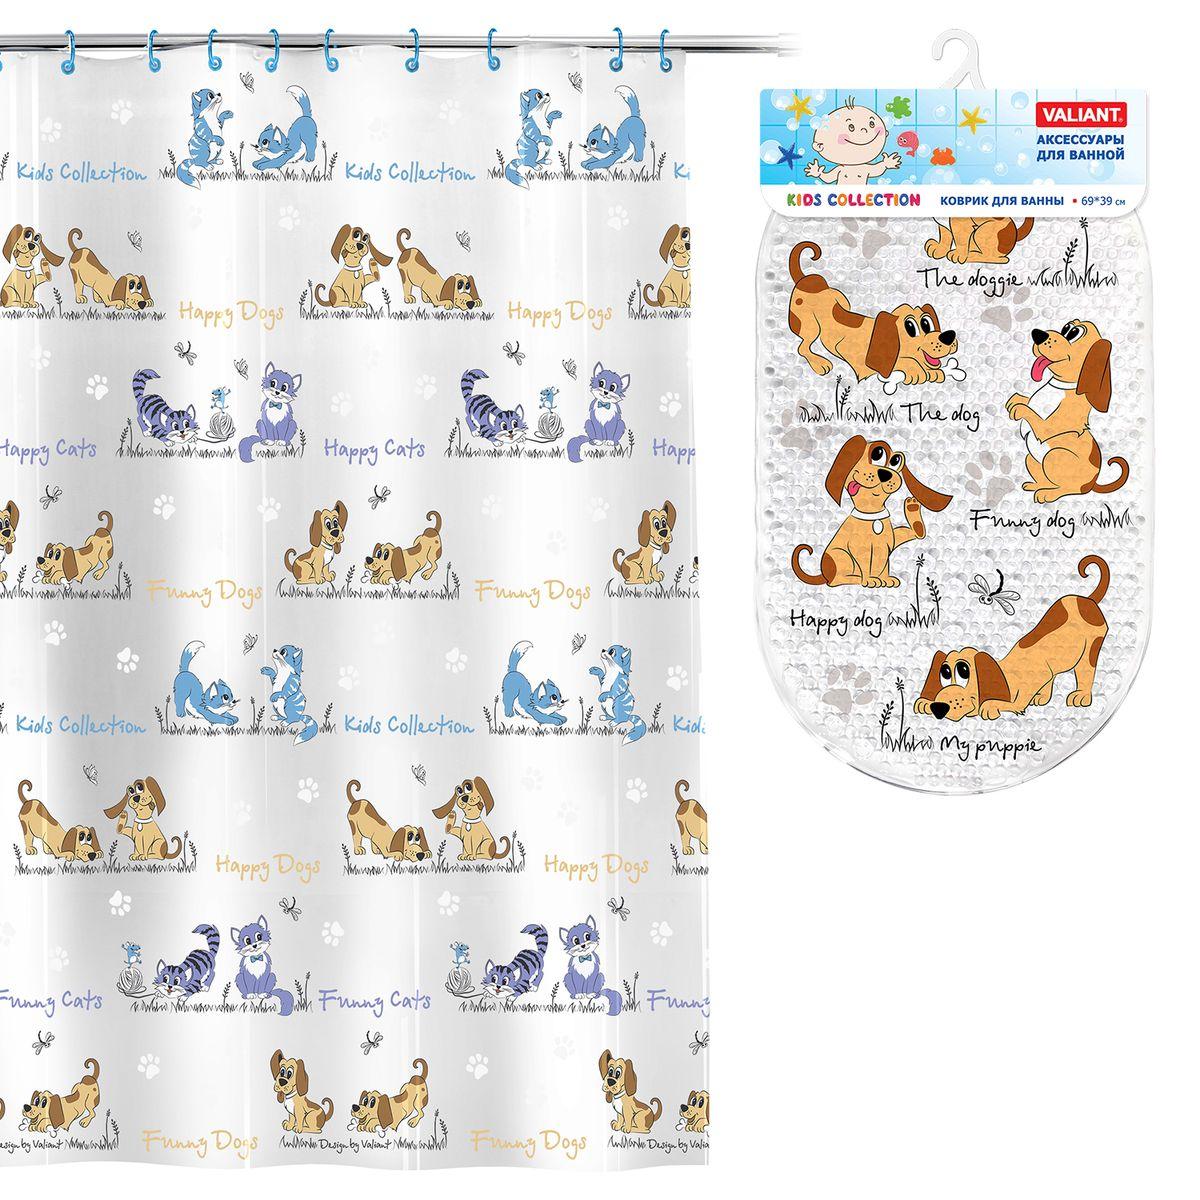 Valiant Комплект для ванны СобачкиK1818-CD_K6939-DGVAL K1818-CD/K6939-DG Комплект Собачки: штора 180*180 см, PEVA + коврик , 69*39 см, винил